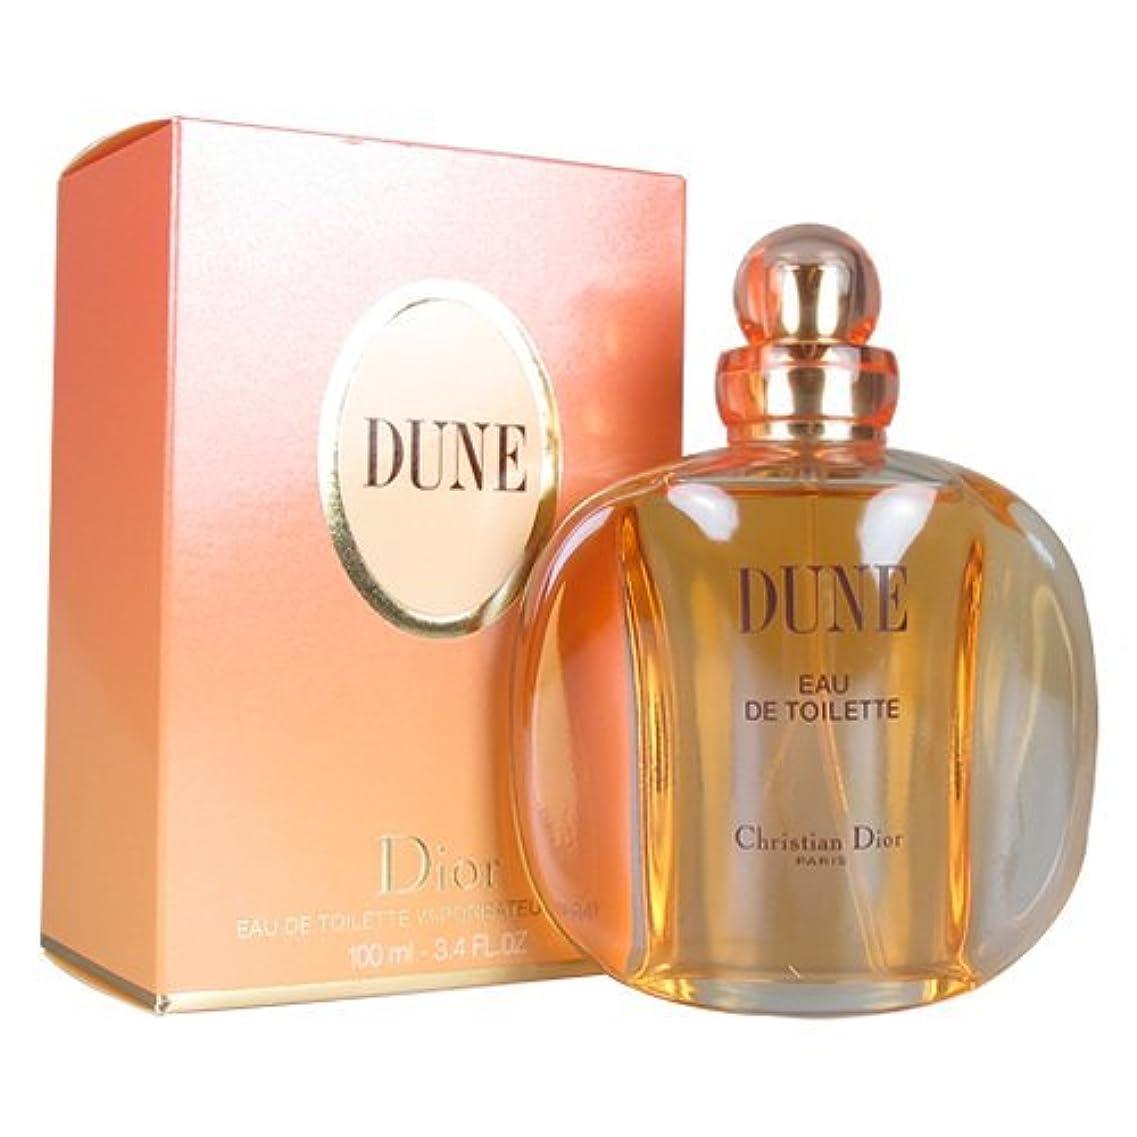 リールヒロインビデオクリスチャン ディオール(Christian Dior) デューン オードゥ トワレ 100ml[並行輸入品]